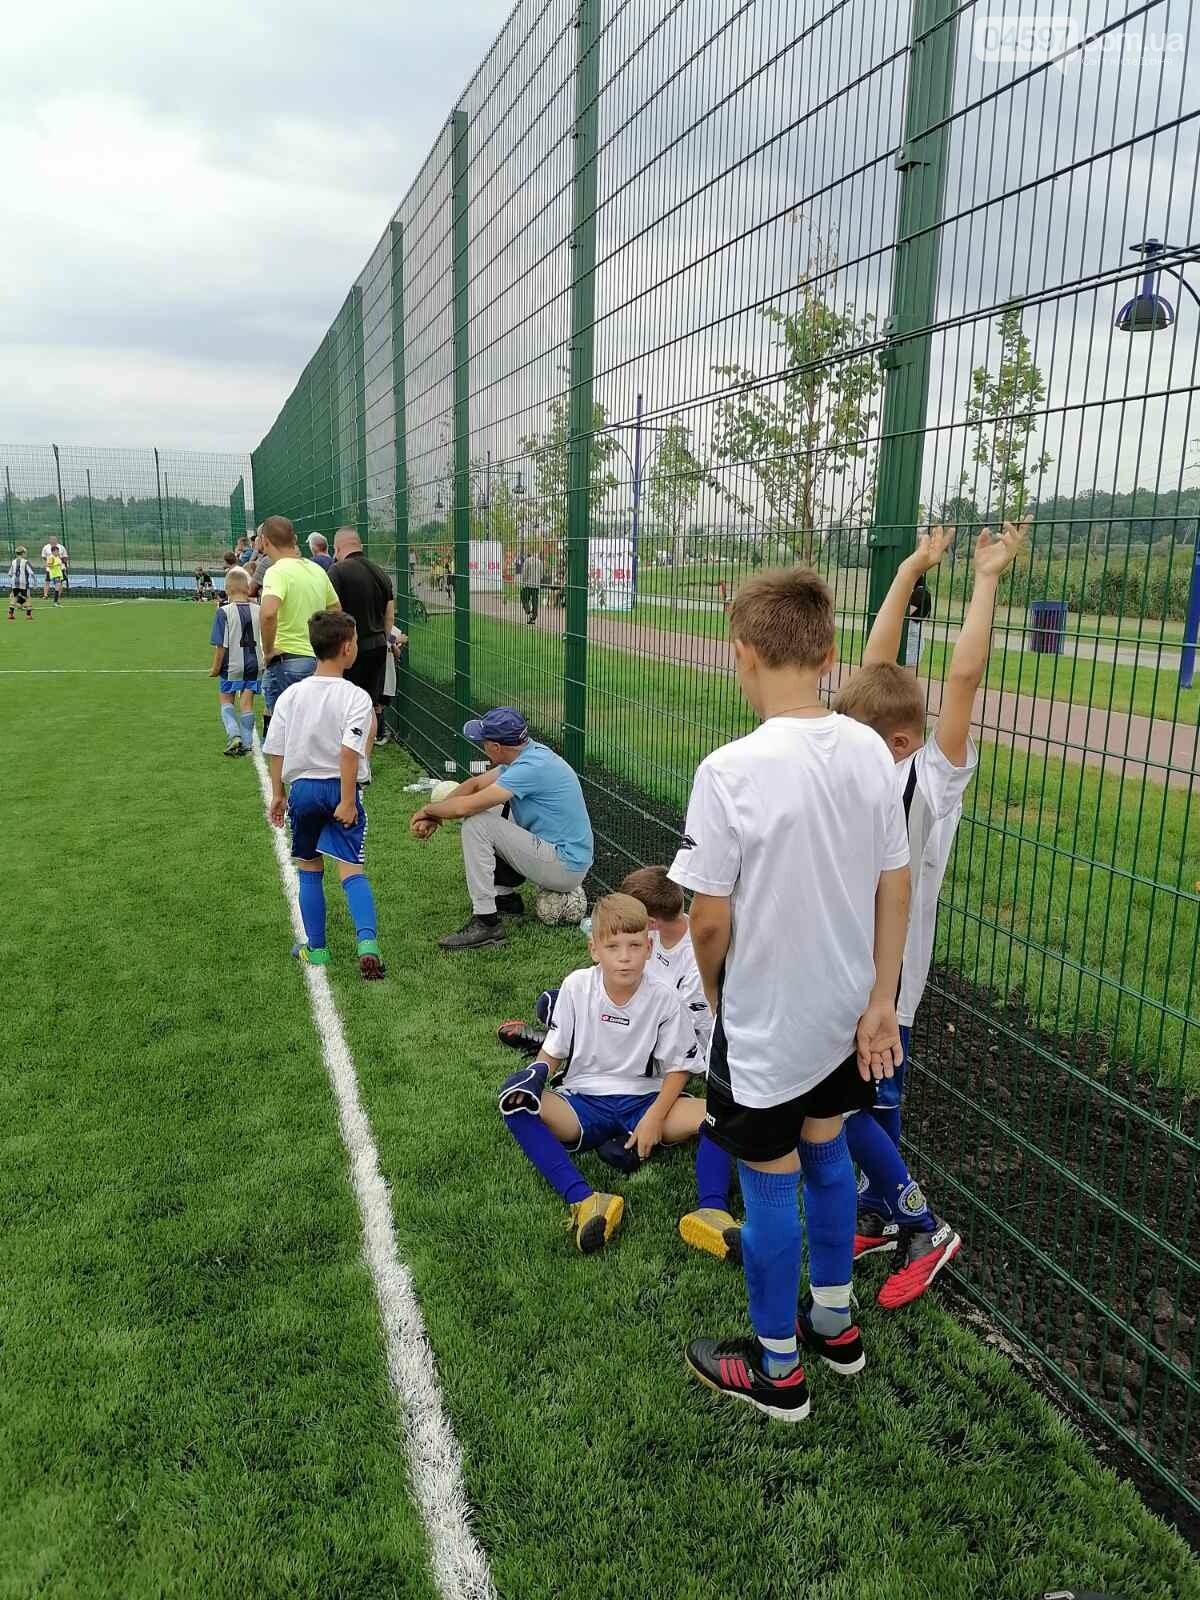 Спочатку діти: на новому полі в Ірпені пройшов чемпіонат з футболу, фото-5